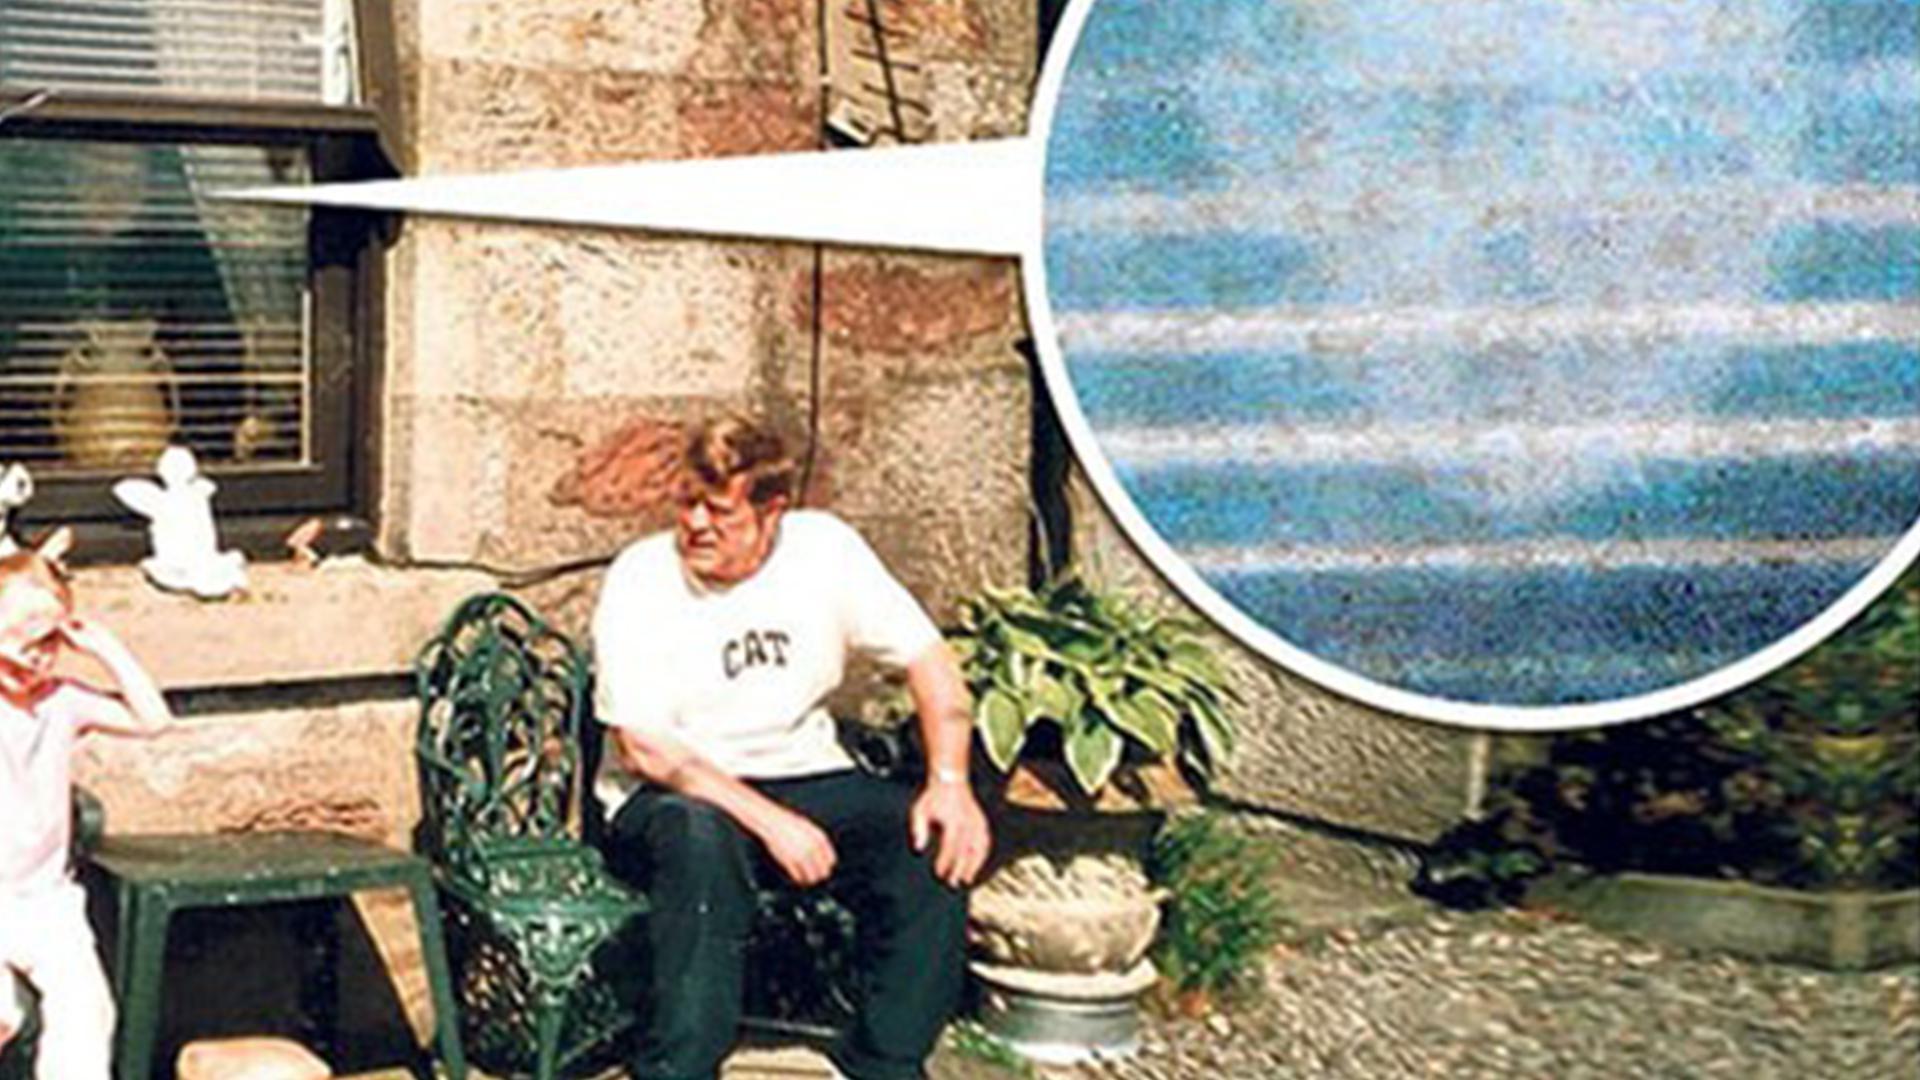 老人在拍照的时候竟拍到了42年前的自己平行宇宙真的存在